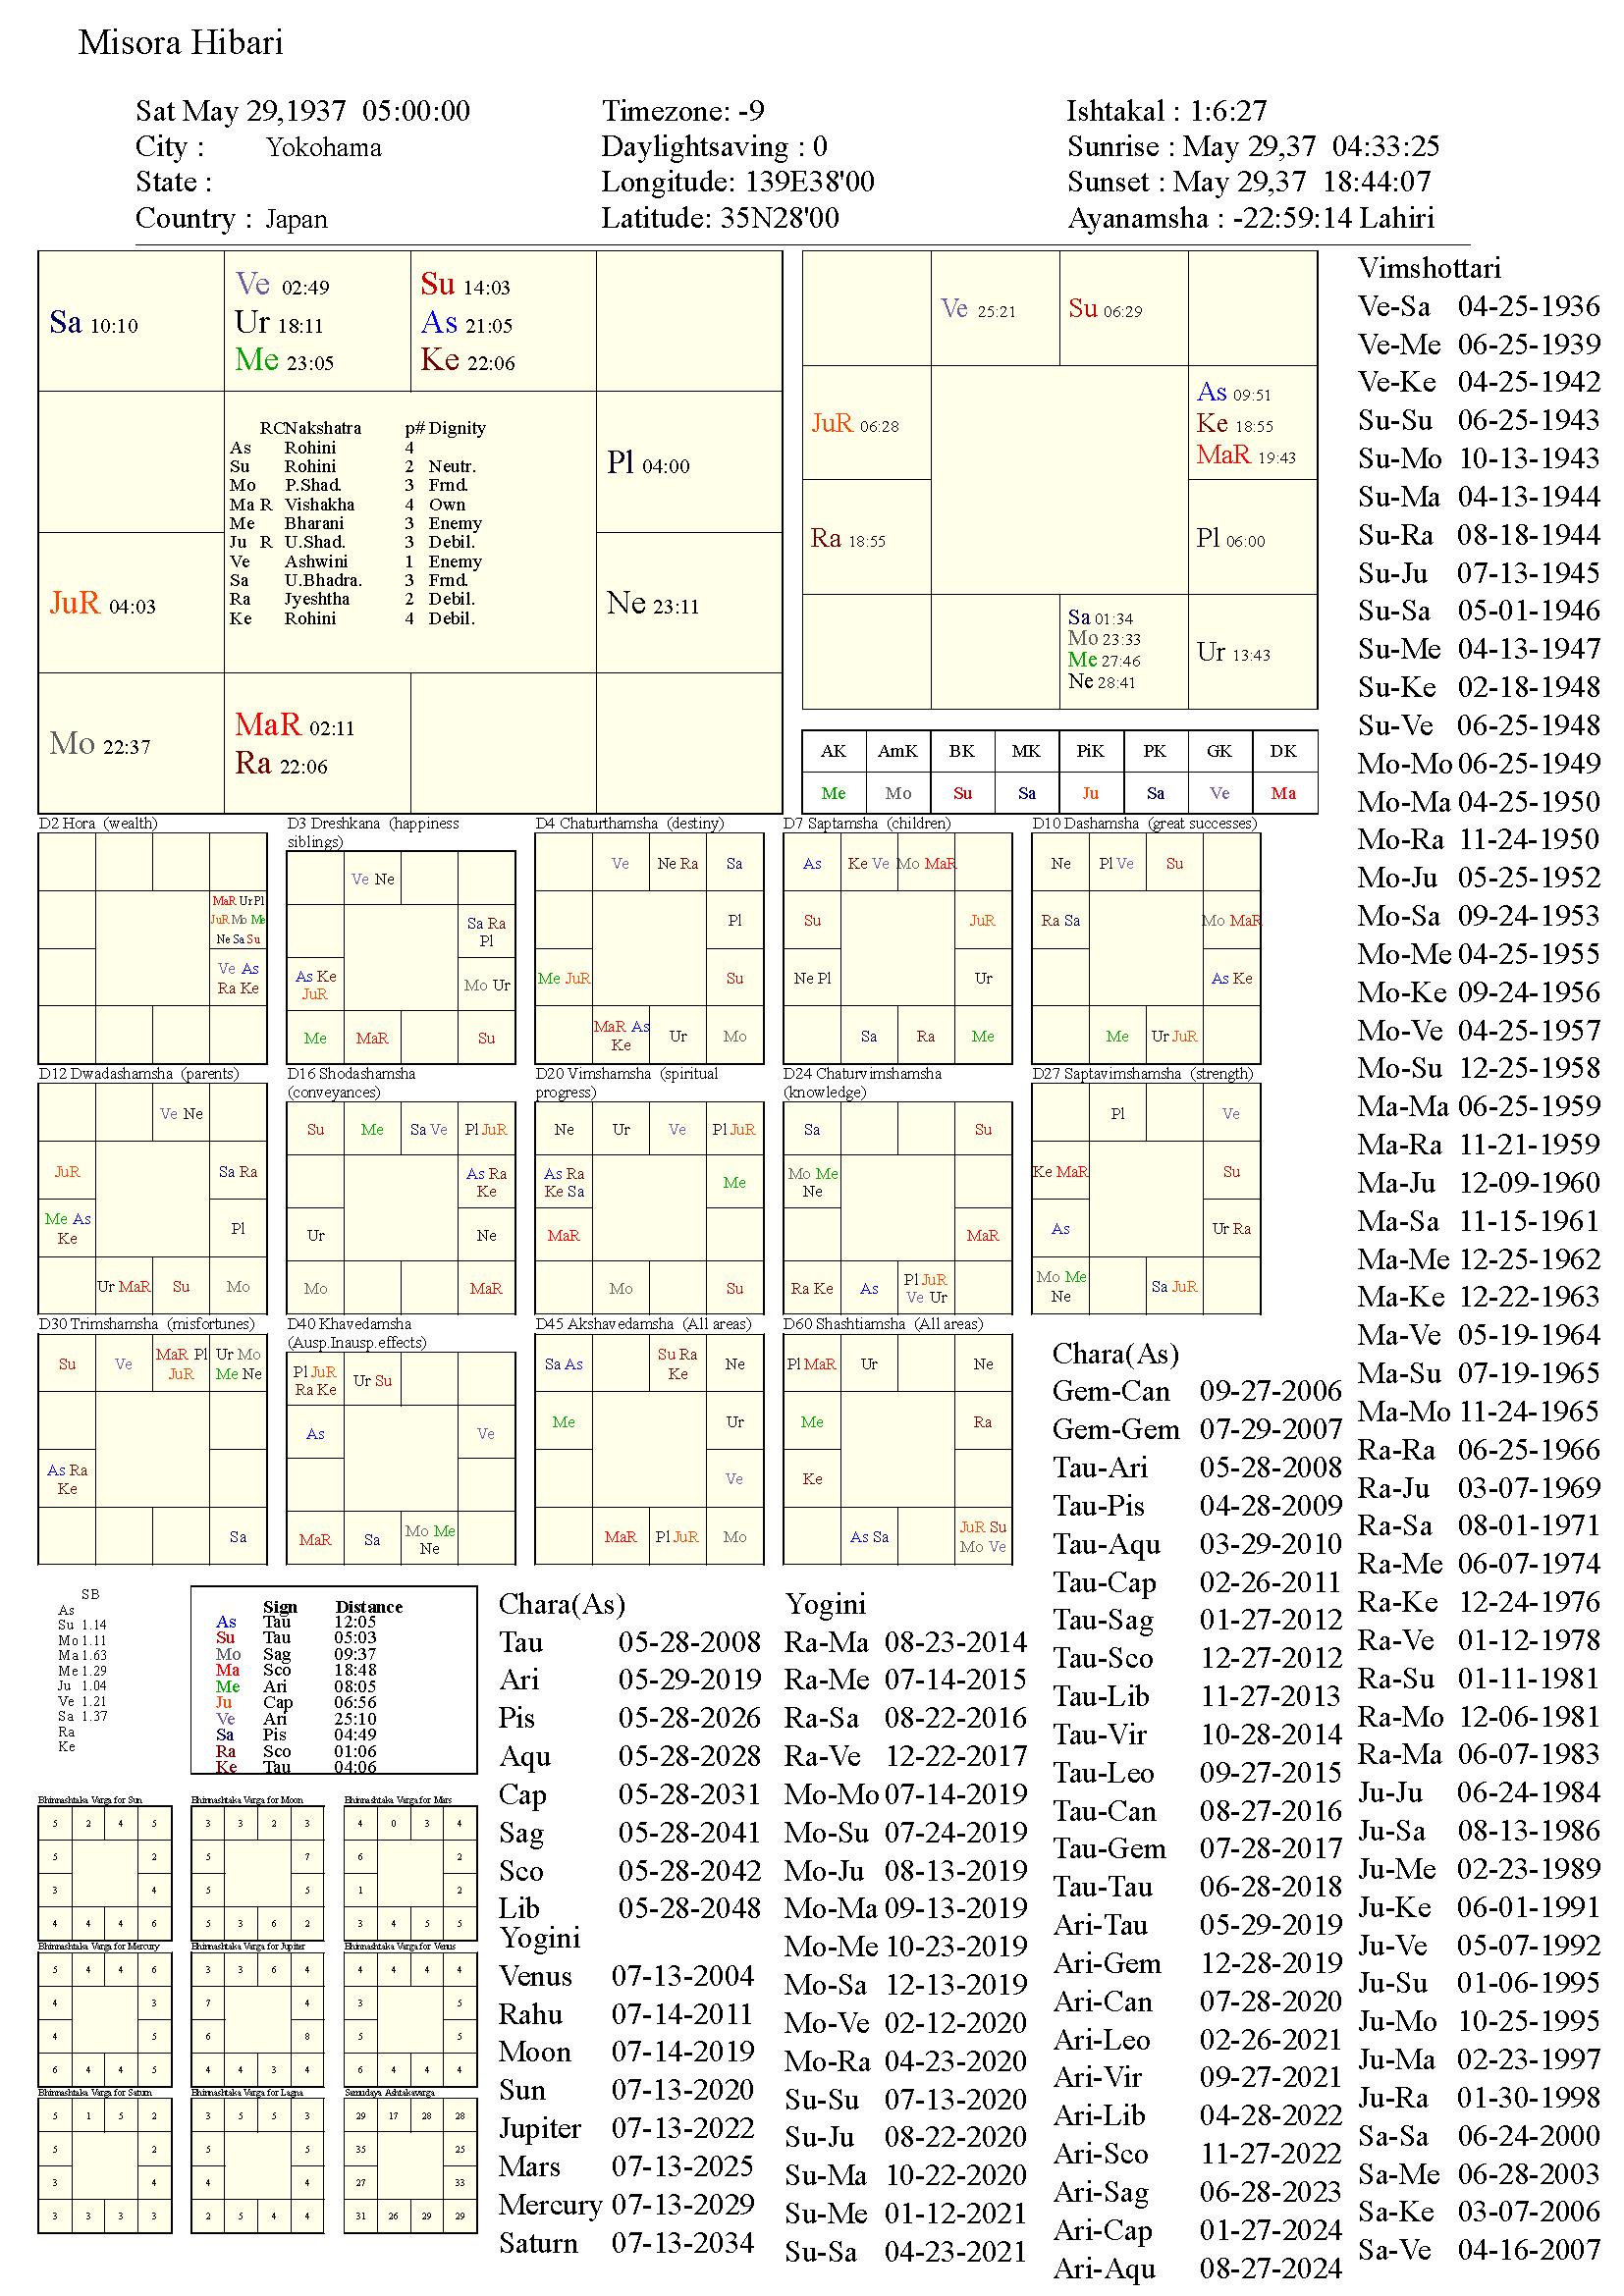 misorahibari_chart